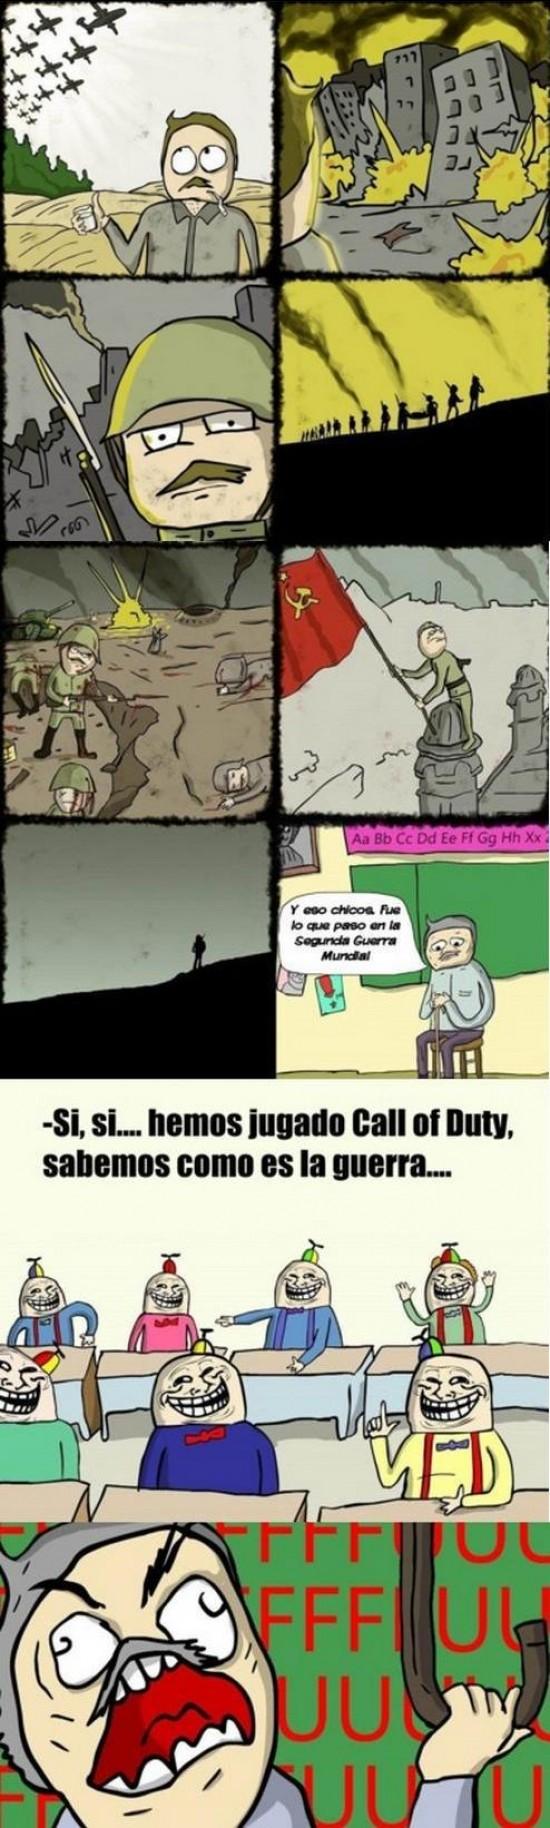 call of duty,COD,dolor,guerra,muerte,niños,pena,sabiduría